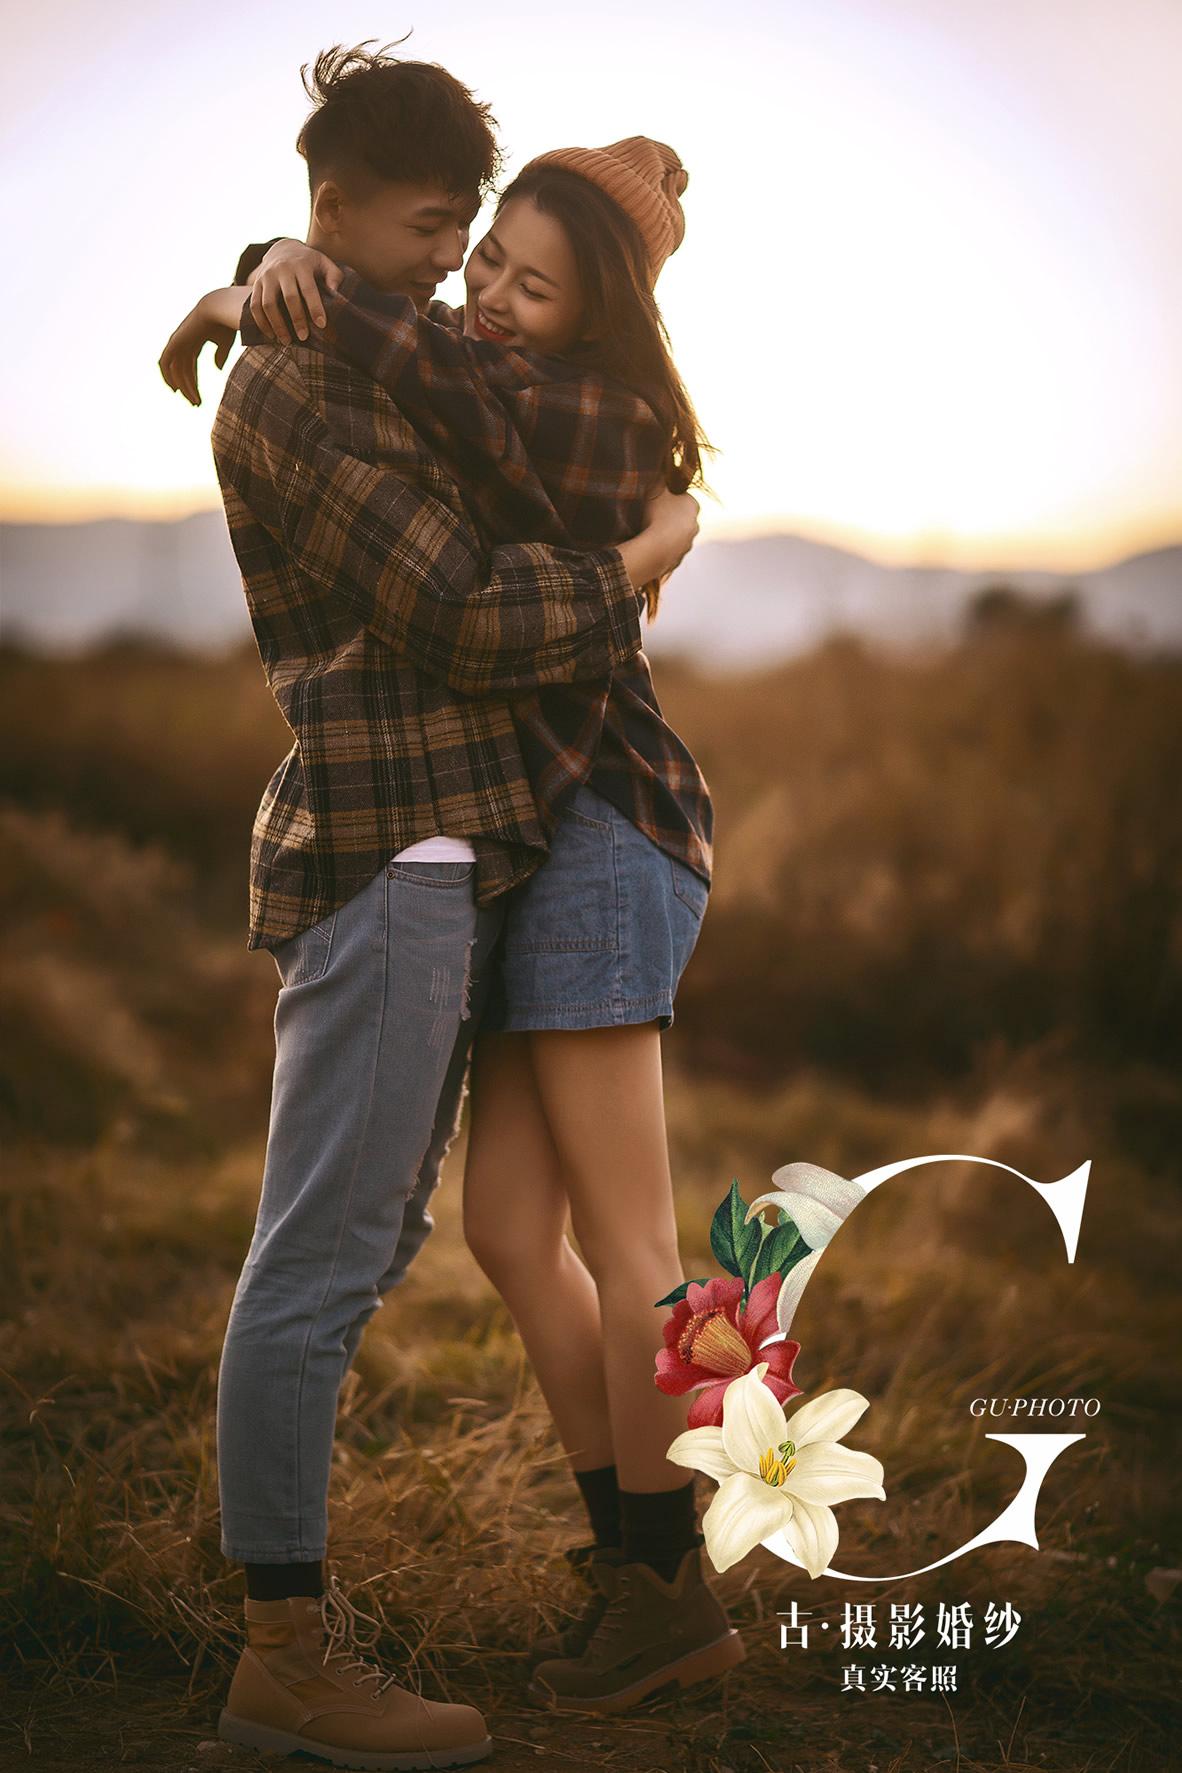 环湖旅拍 - 昆明婚纱景点客照 - love昆明古摄影-昆明婚纱摄影网